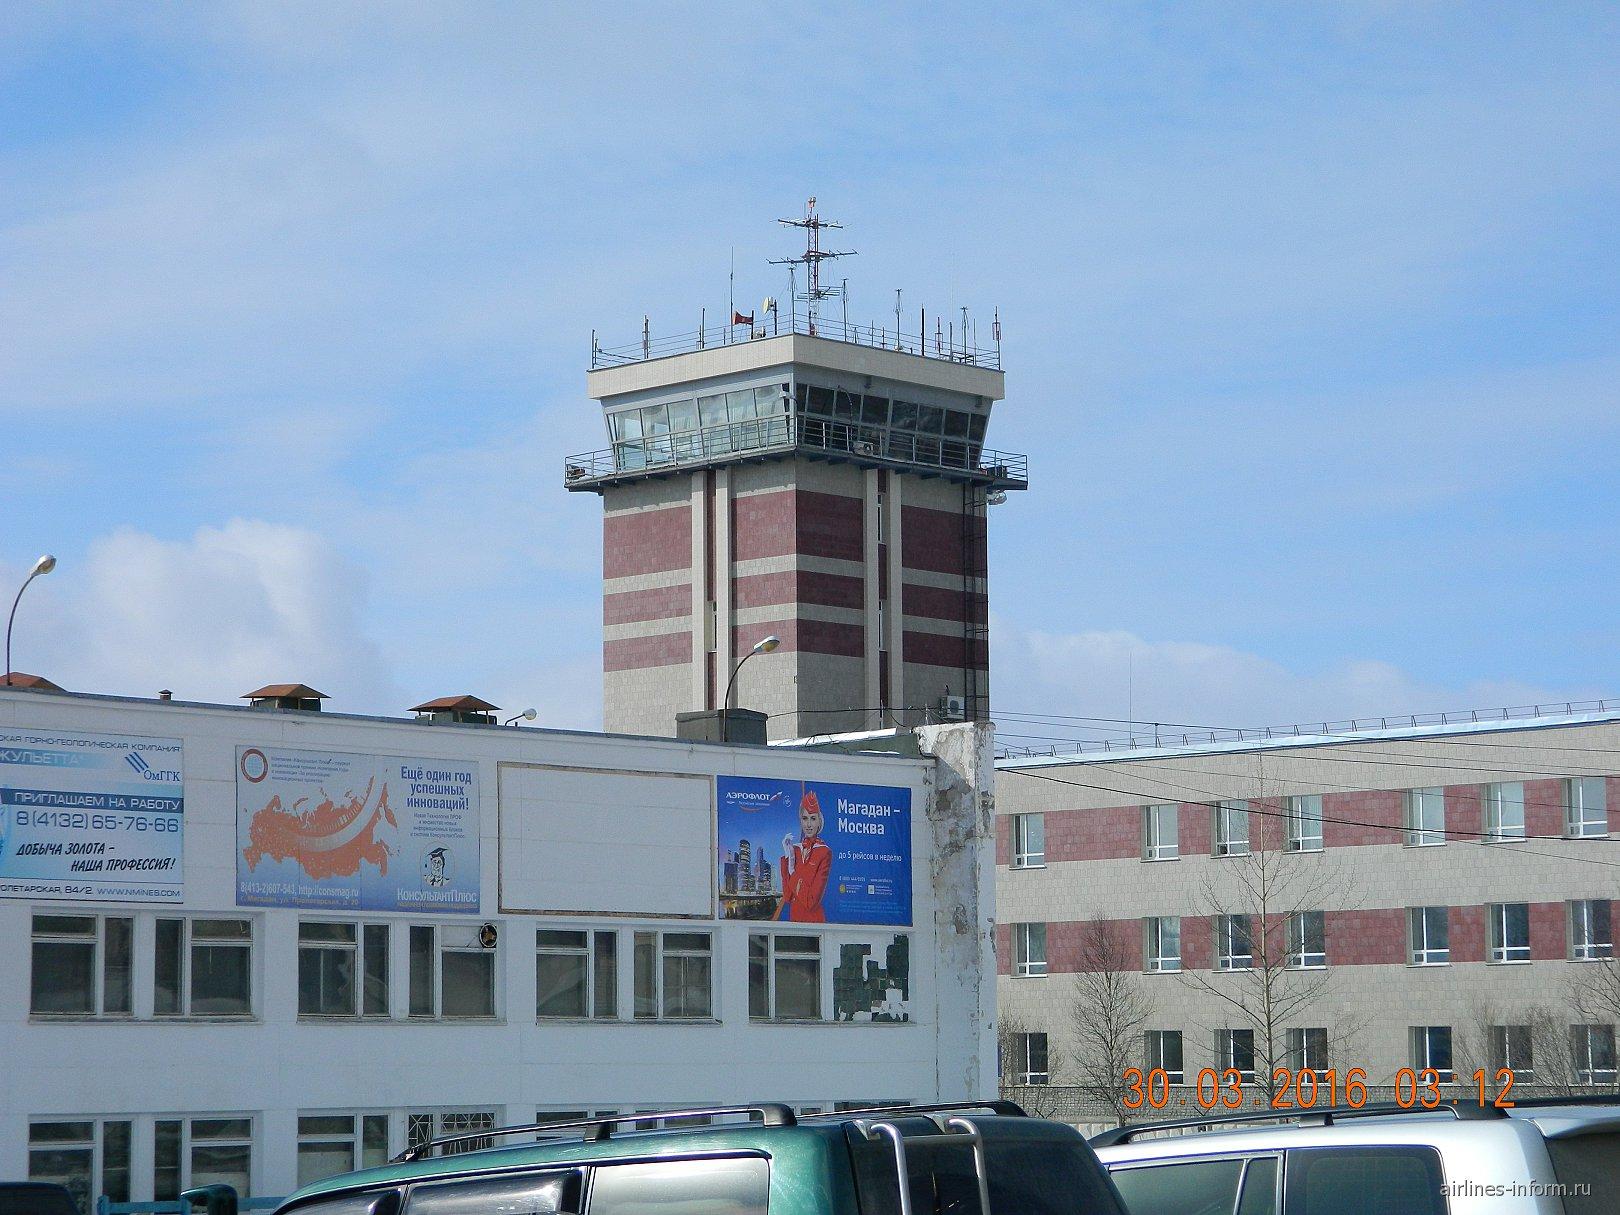 Диспетчерская вышка аэропорта Магадан Сокол